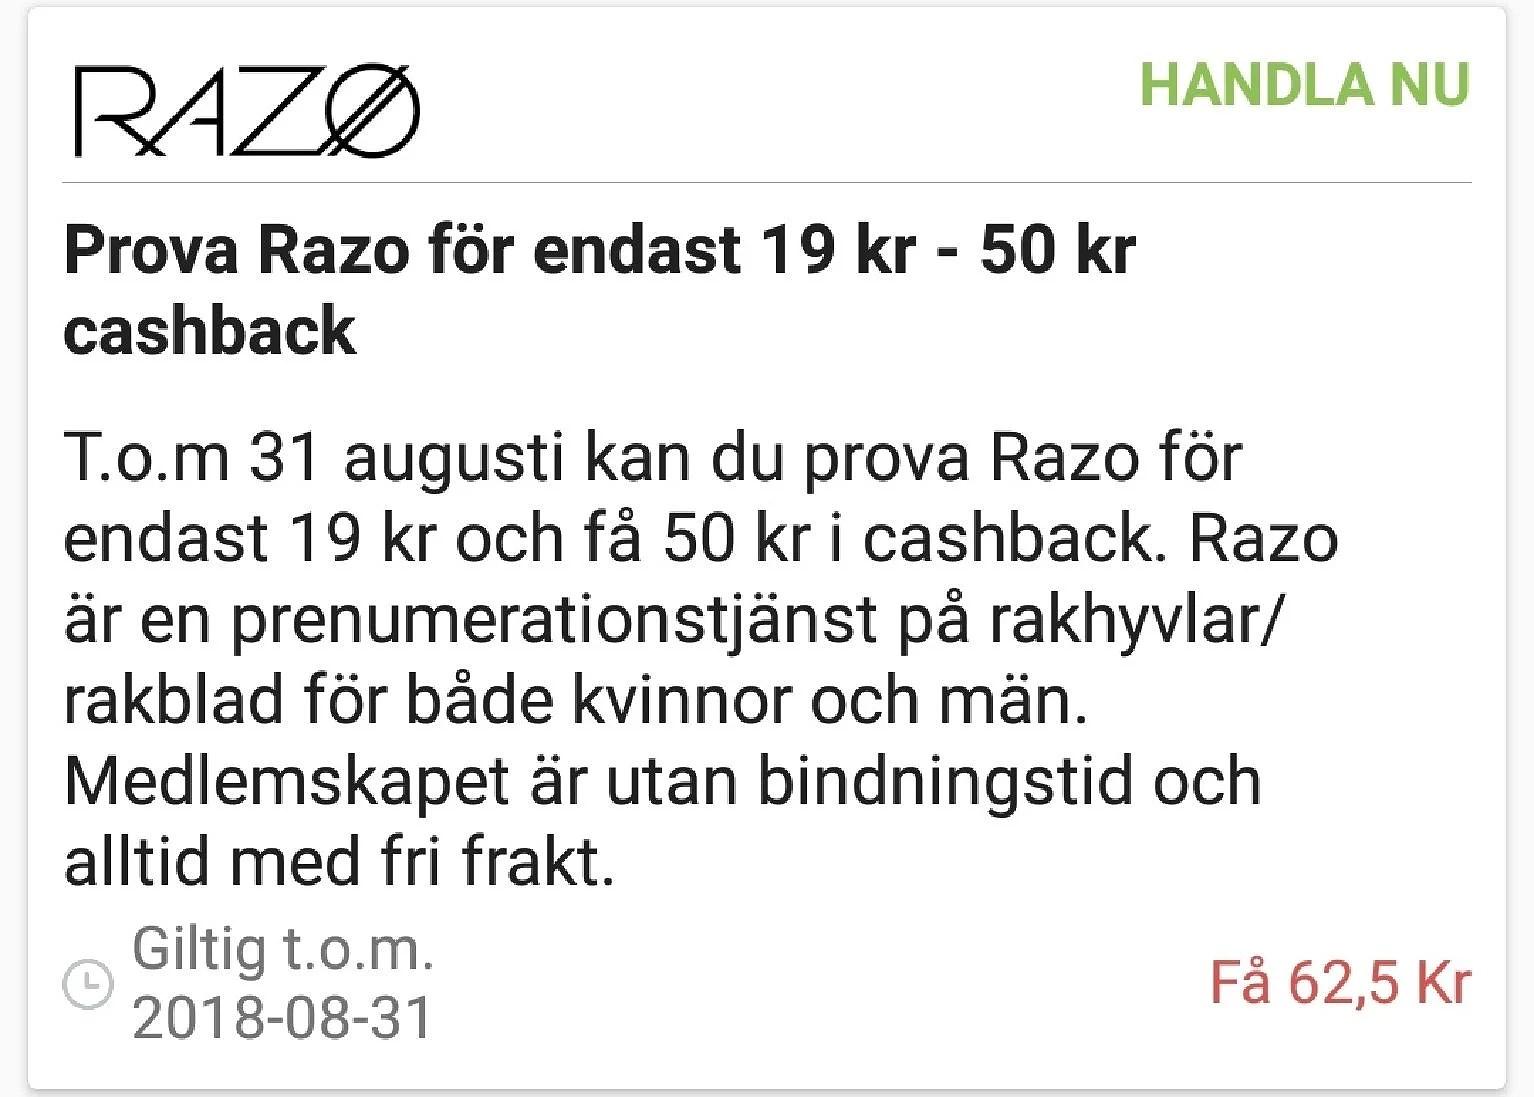 Testa Razo för 19 kr och få 50 kr cashback...